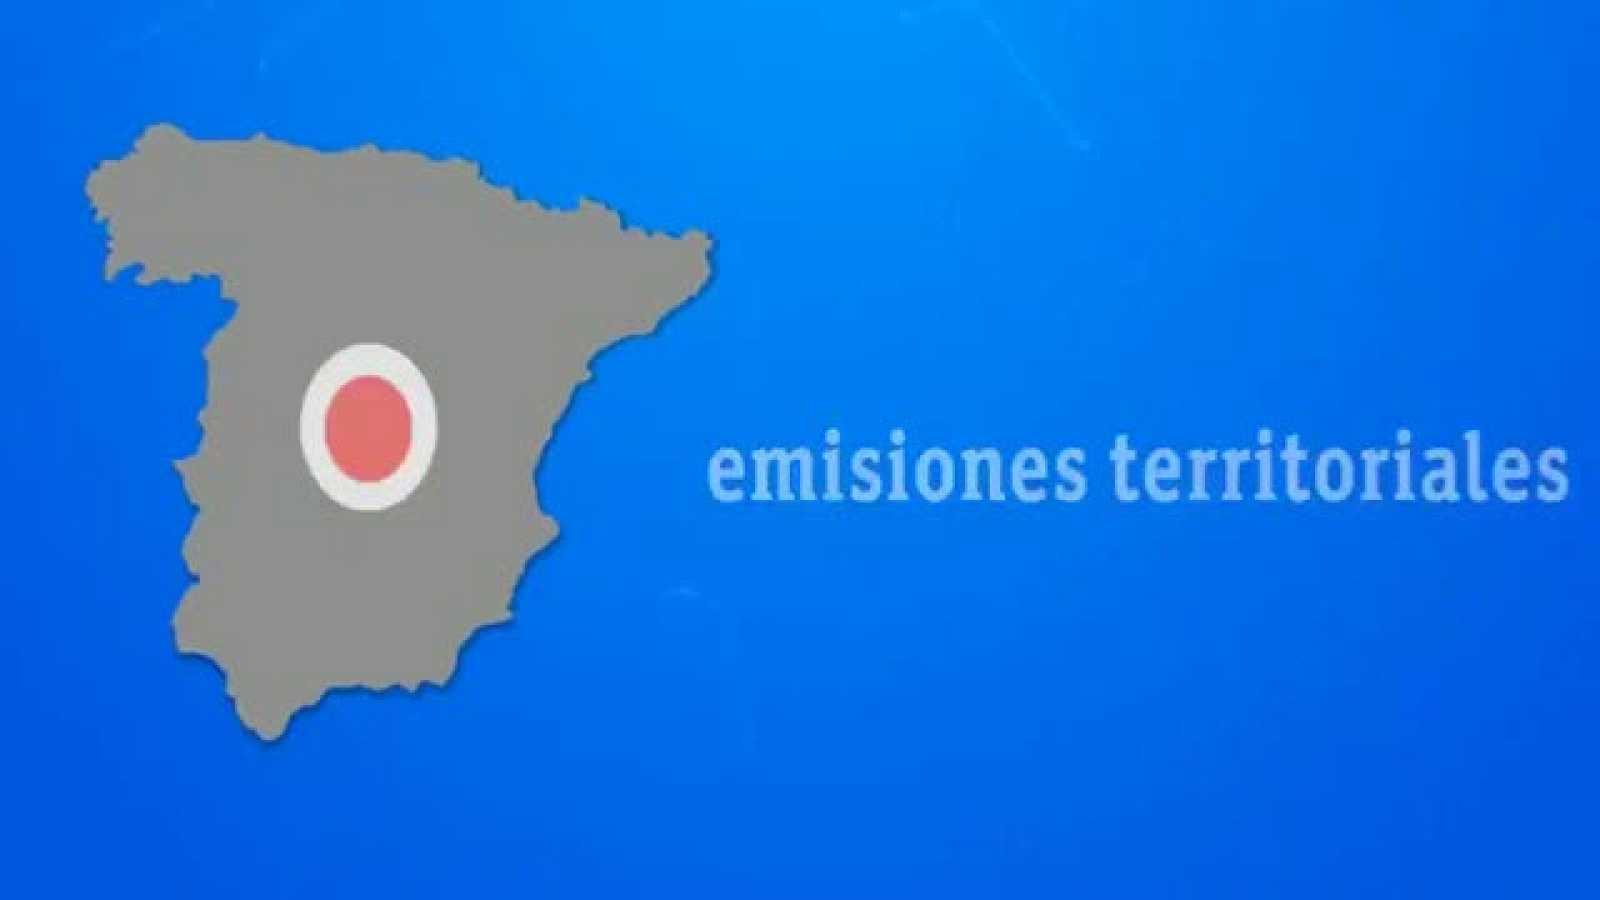 Los informativos territoriales de TVE en directo en la web de RTVE